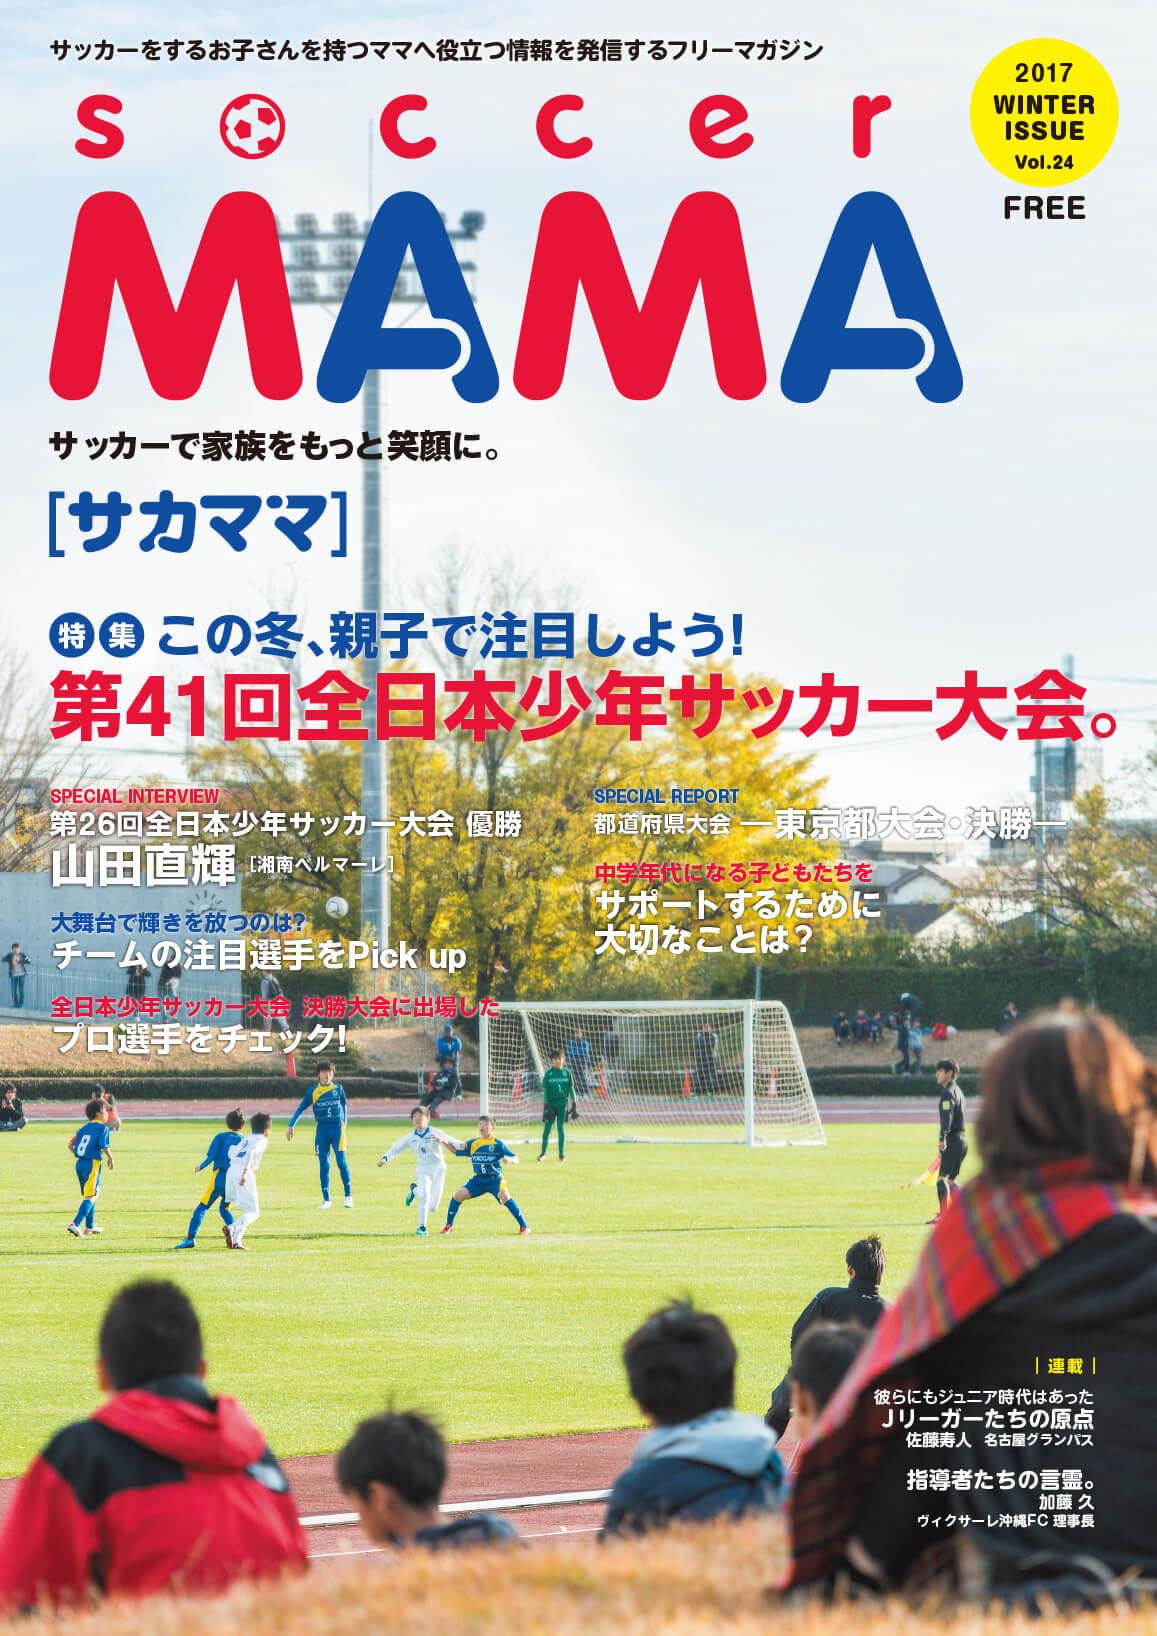 サカママ Vol.24 2017 WINTER ISSUE (2017年12月発行)